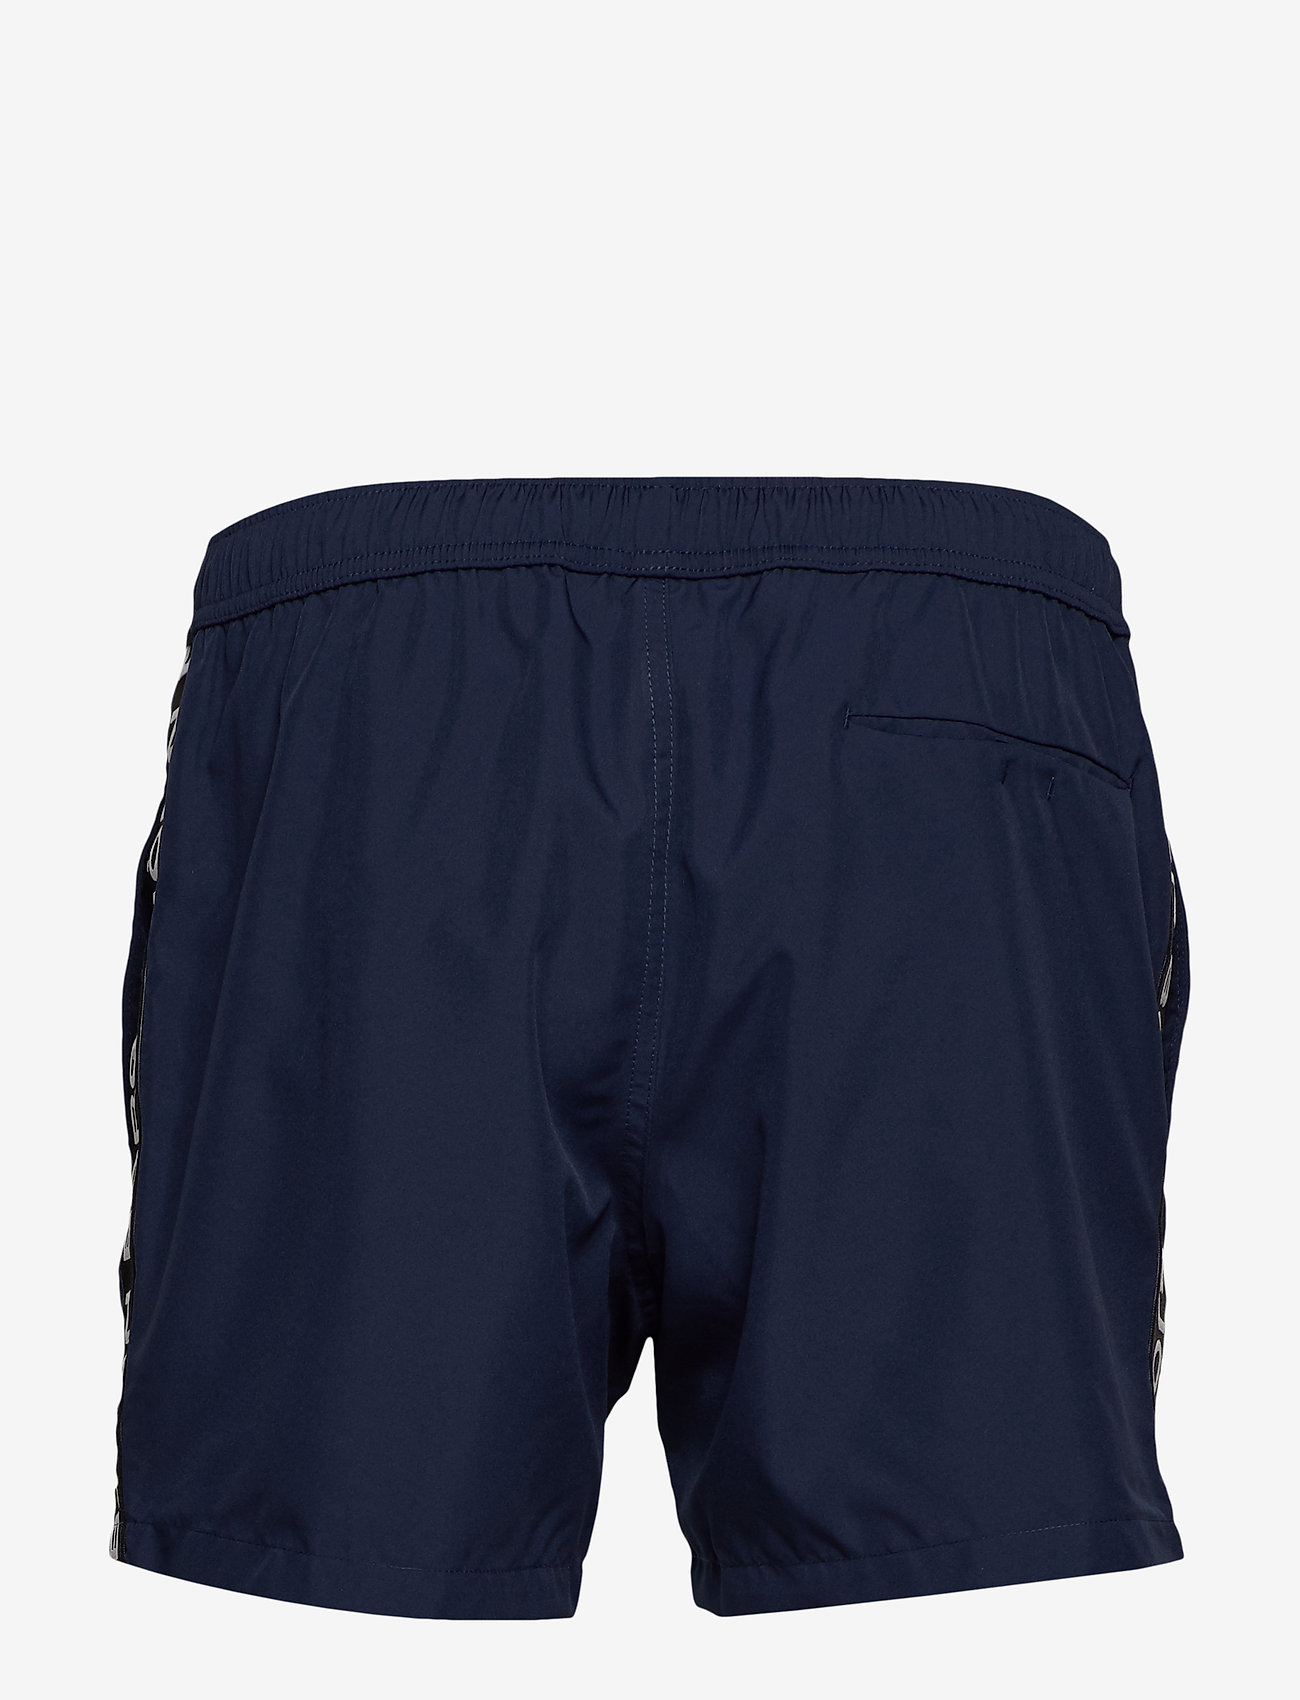 Björn Borg - SALEM SALEM SWIM SHORTS - swim shorts - peacoat